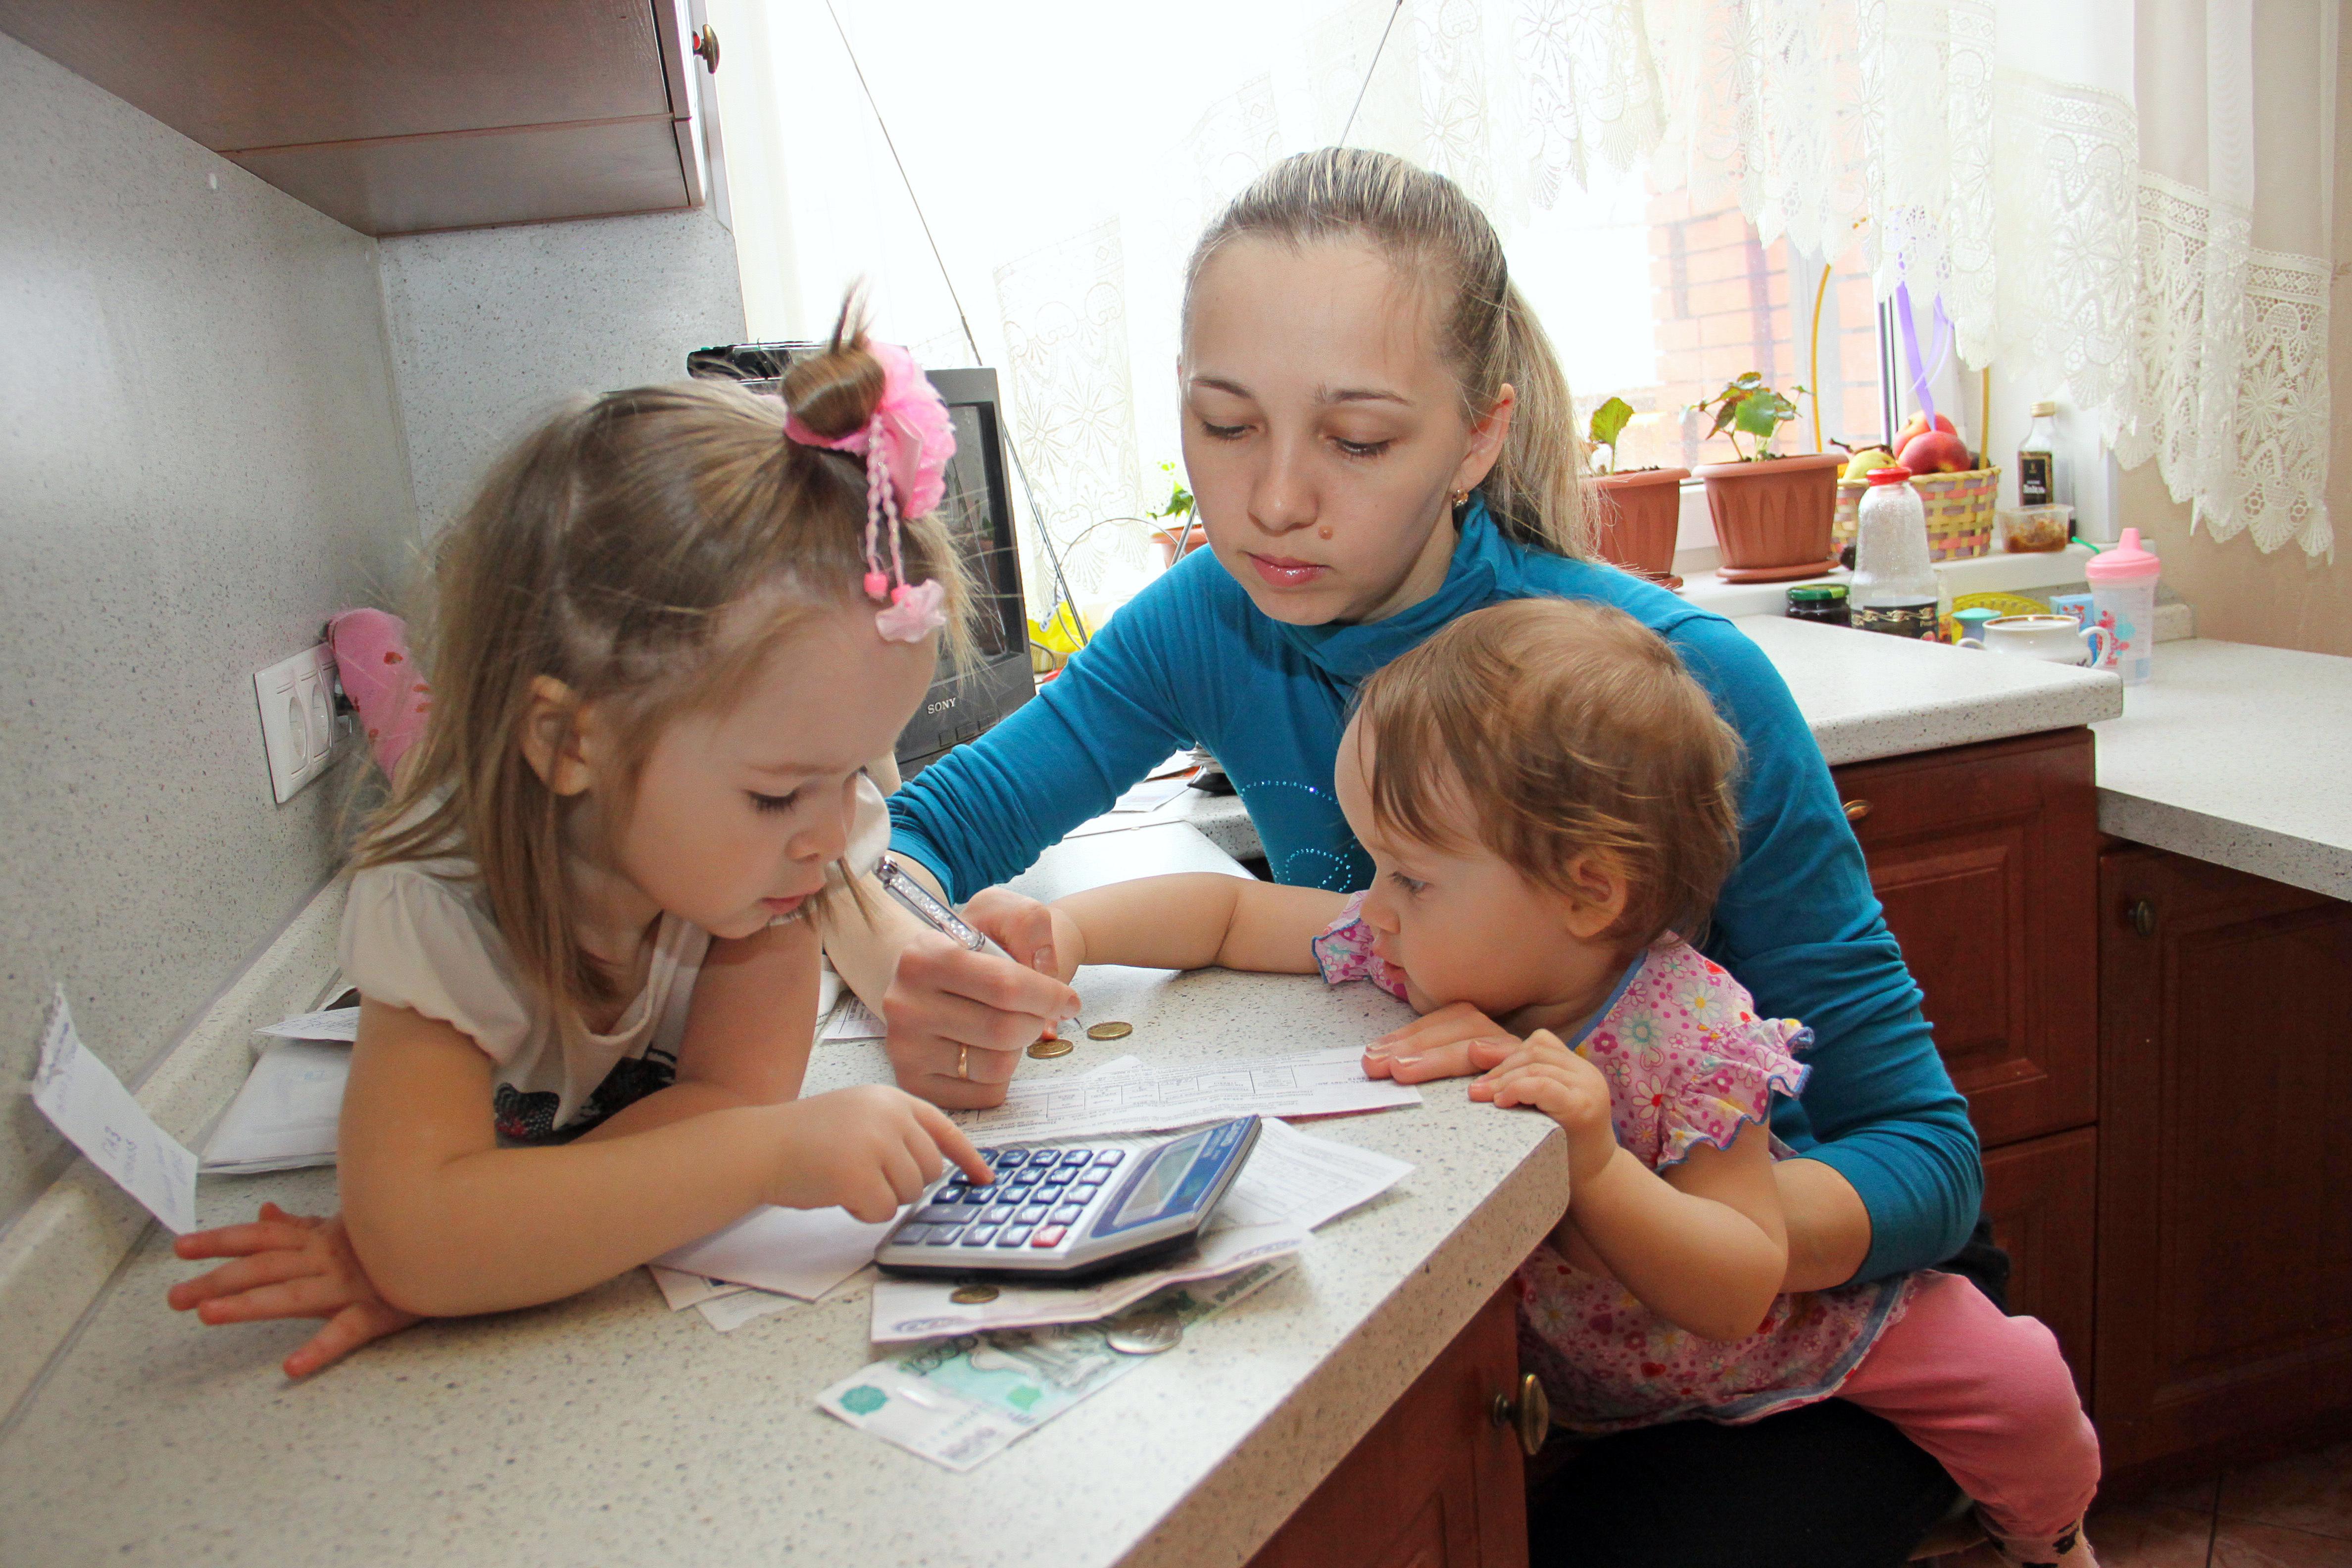 В 2016 году ЖКХ подорожает с июля, платежка опять изменится, а пени за неоплату коммуналки вырастут